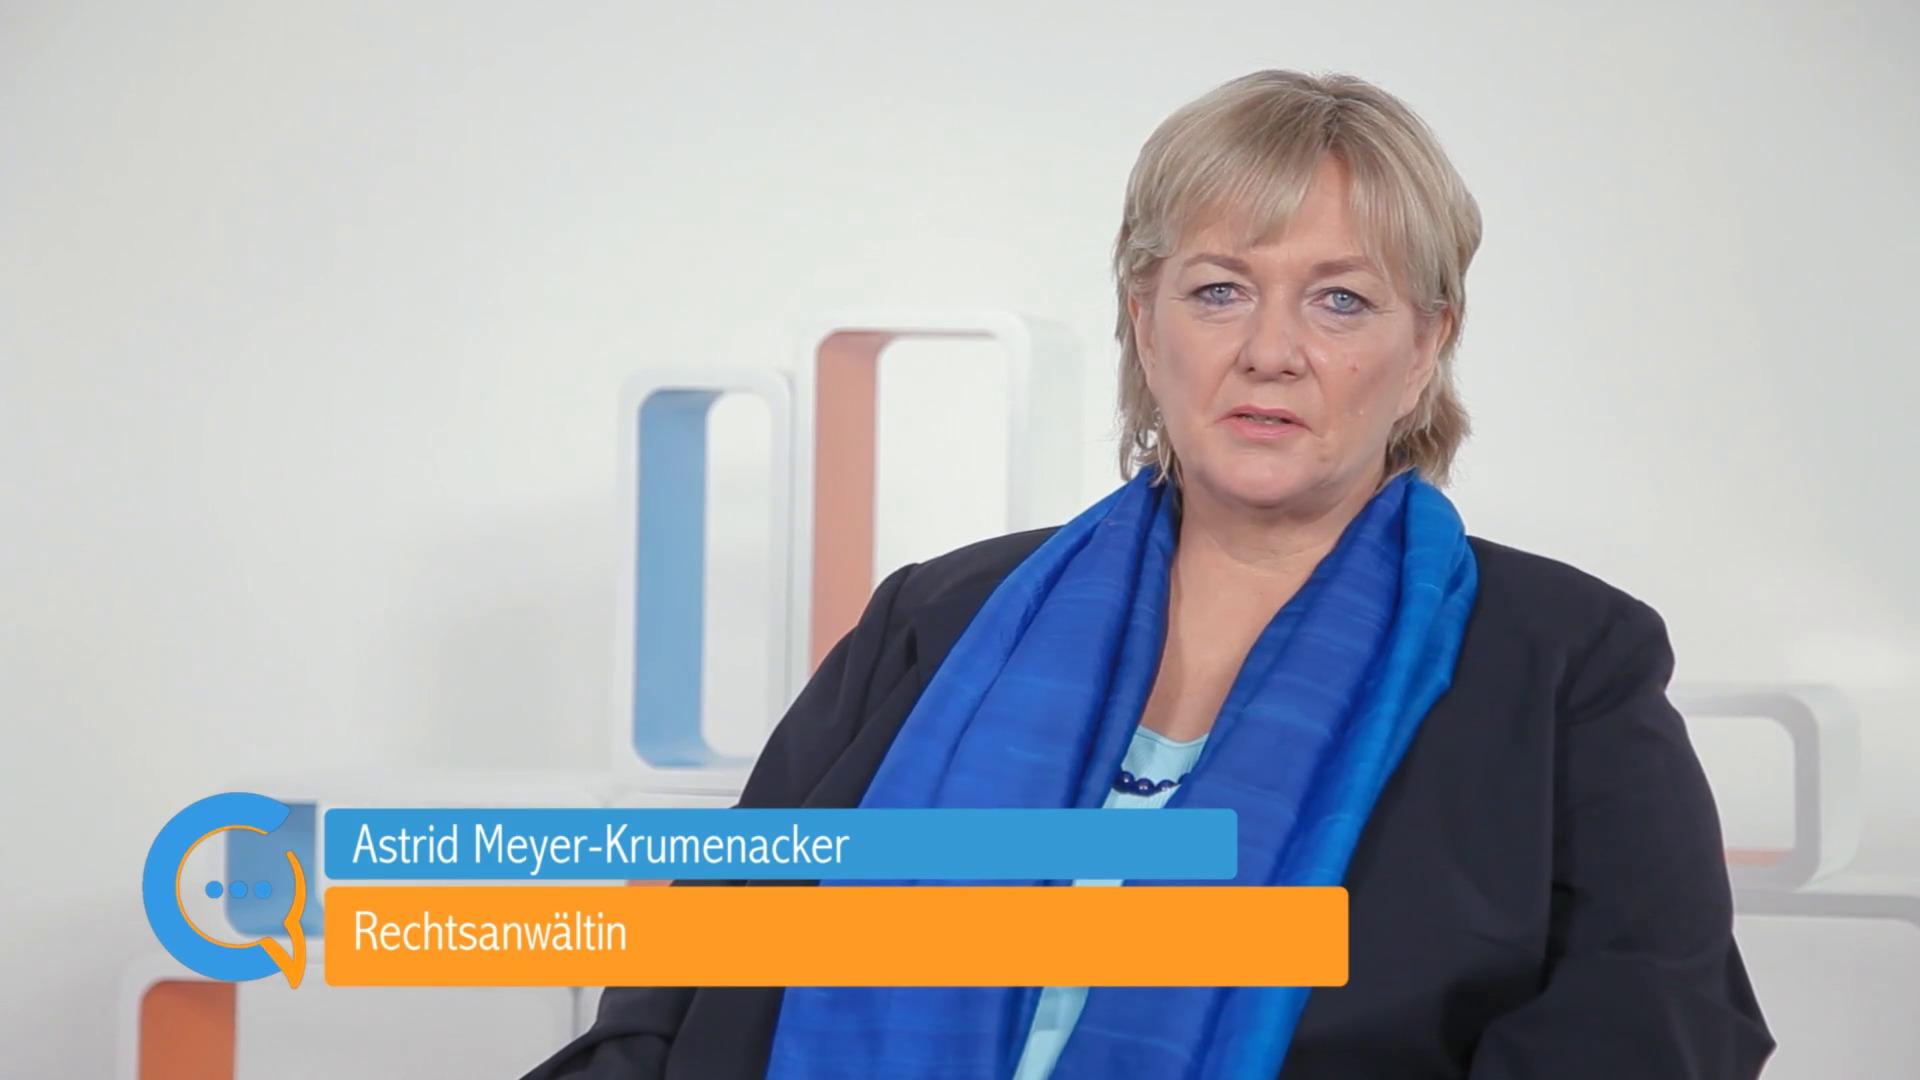 1on1Meyer-KrumenackerPraktiker_Thumbnail